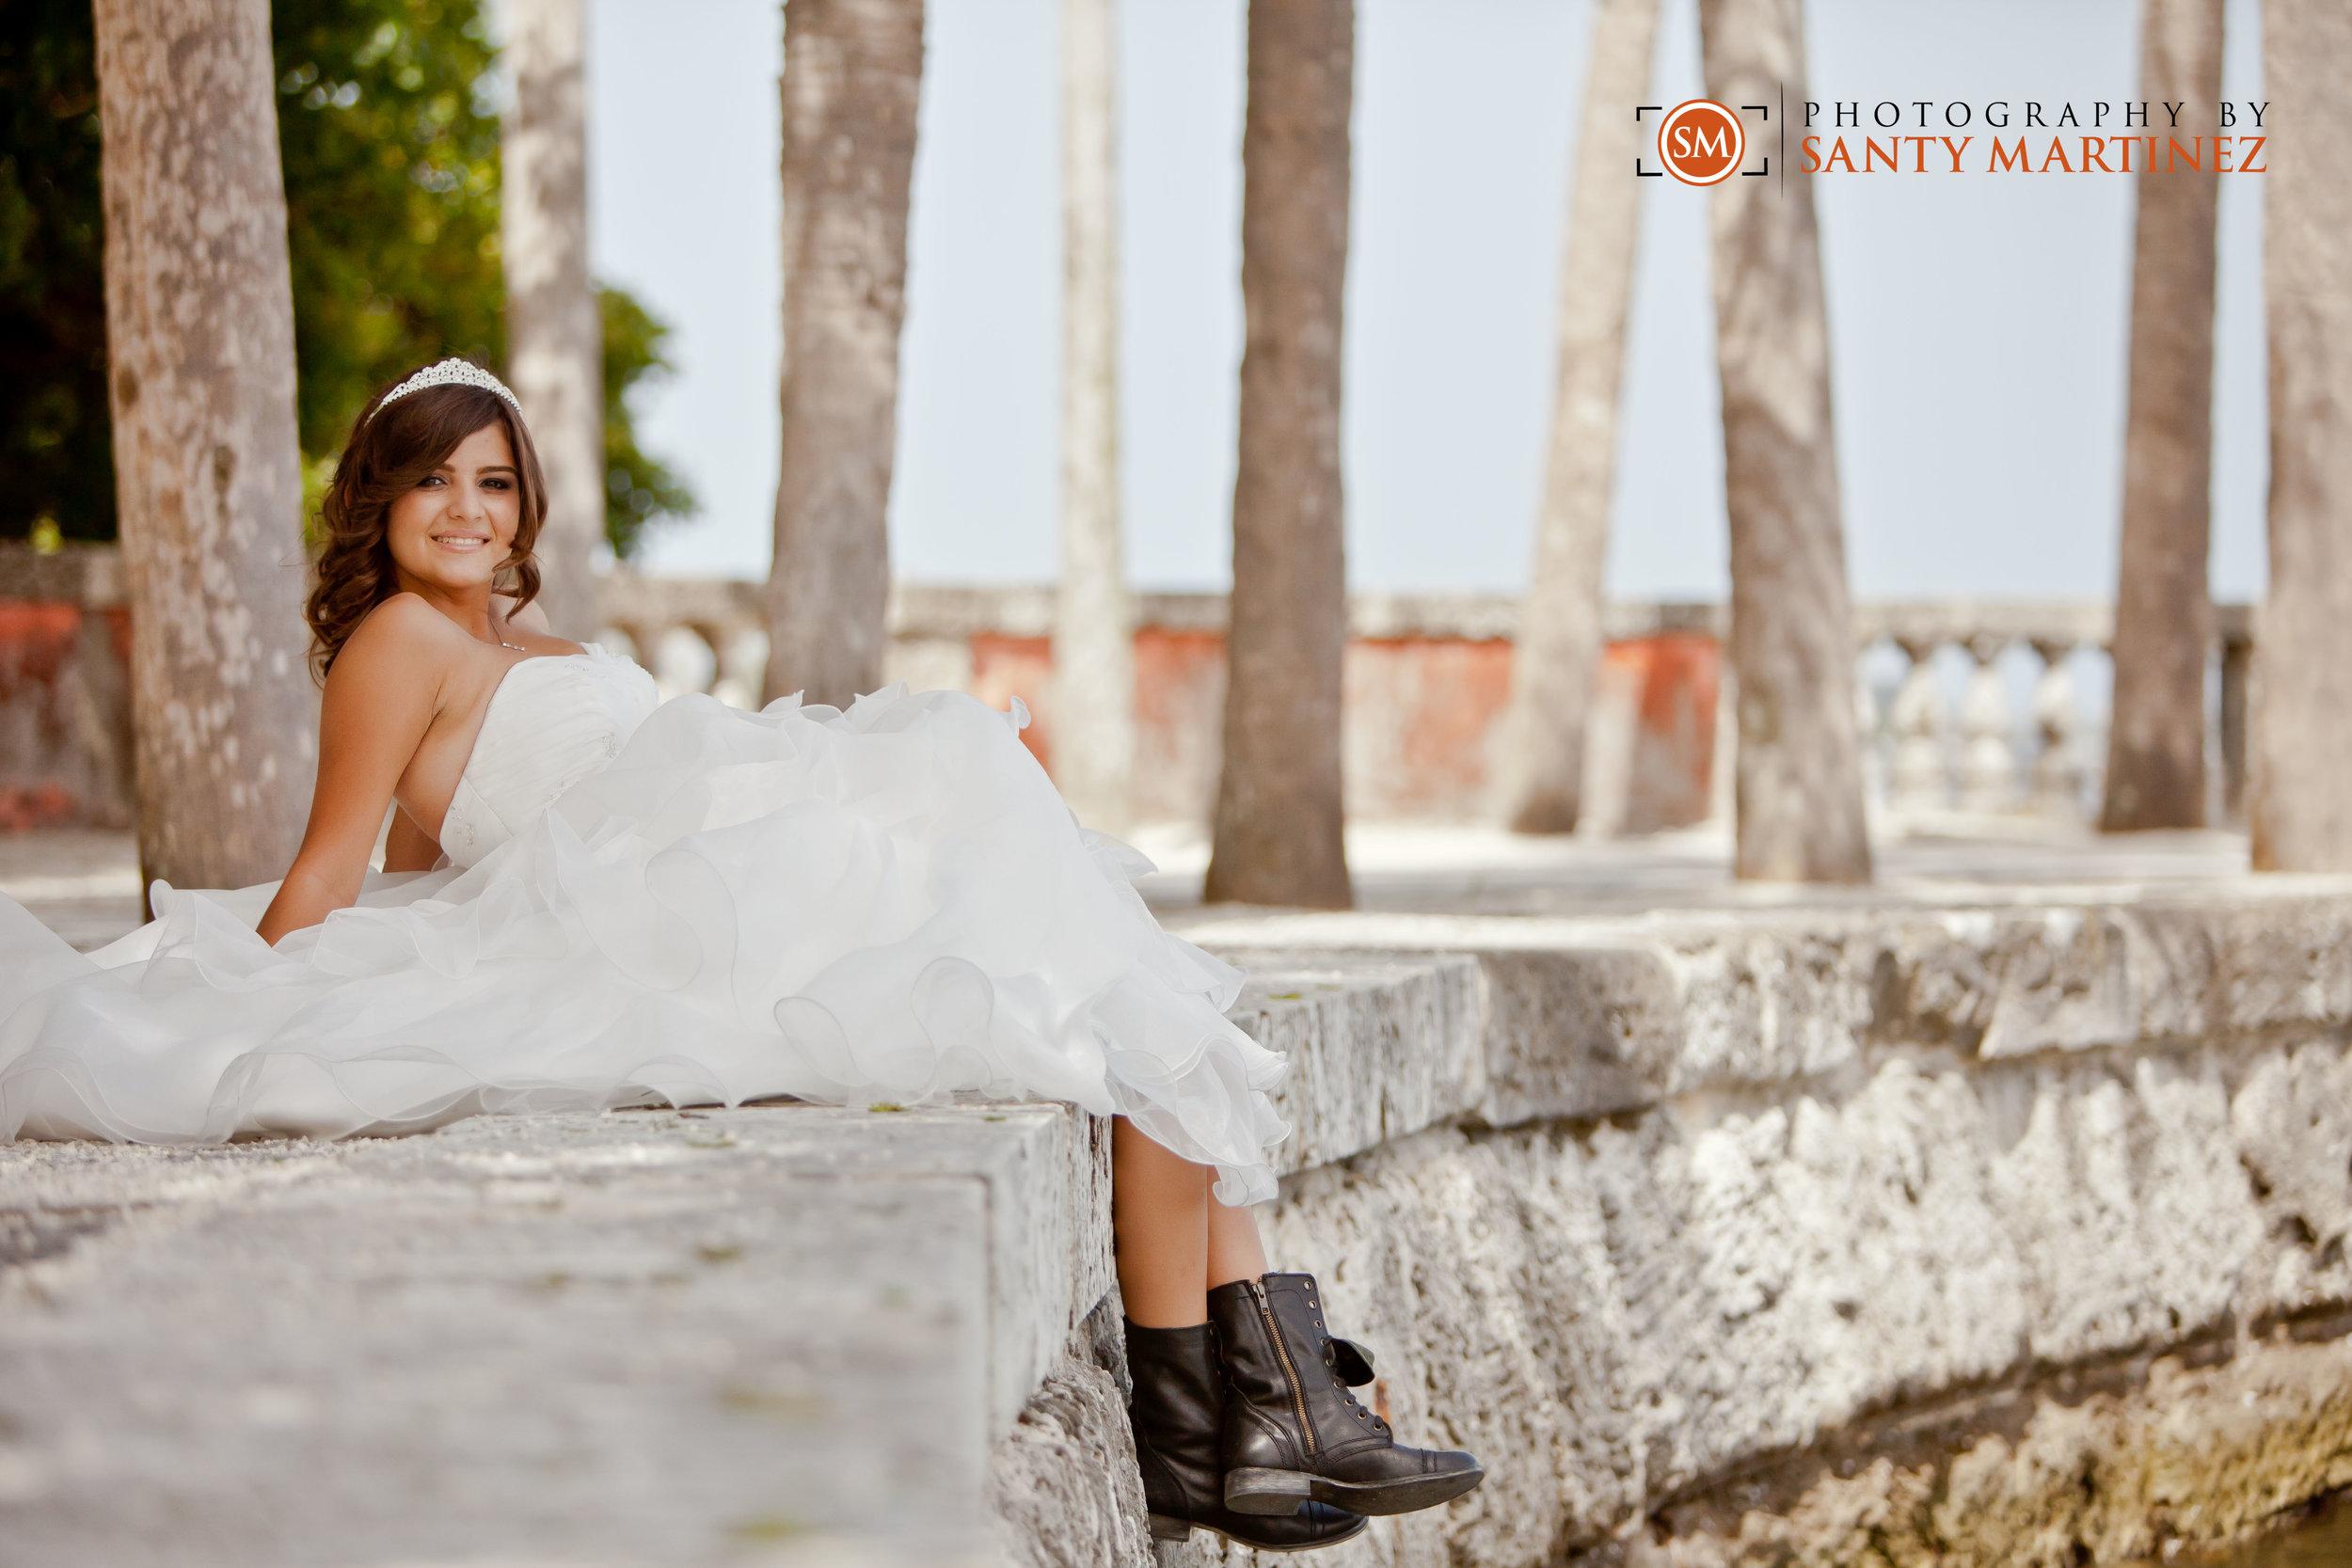 Miami Quinces Photographers - Santy Martinez -16.jpg